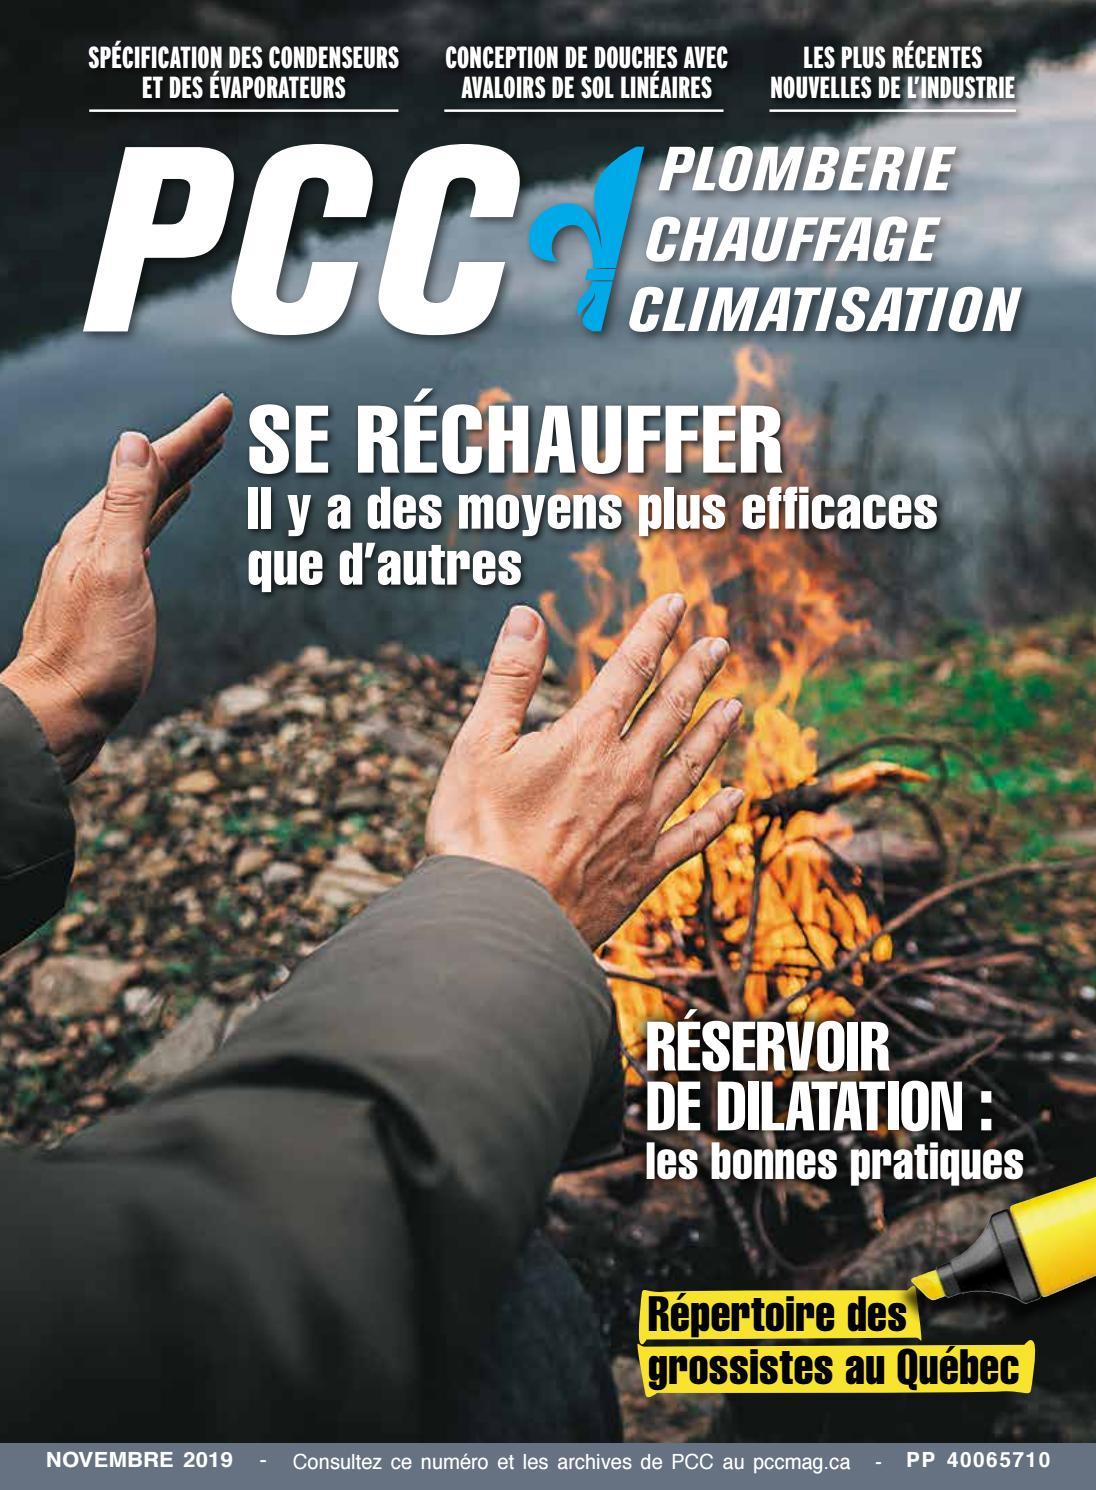 Comment Cacher Des Tuyau De Chauffage plomberie chauffage climatisation (pcc) novembre 2019